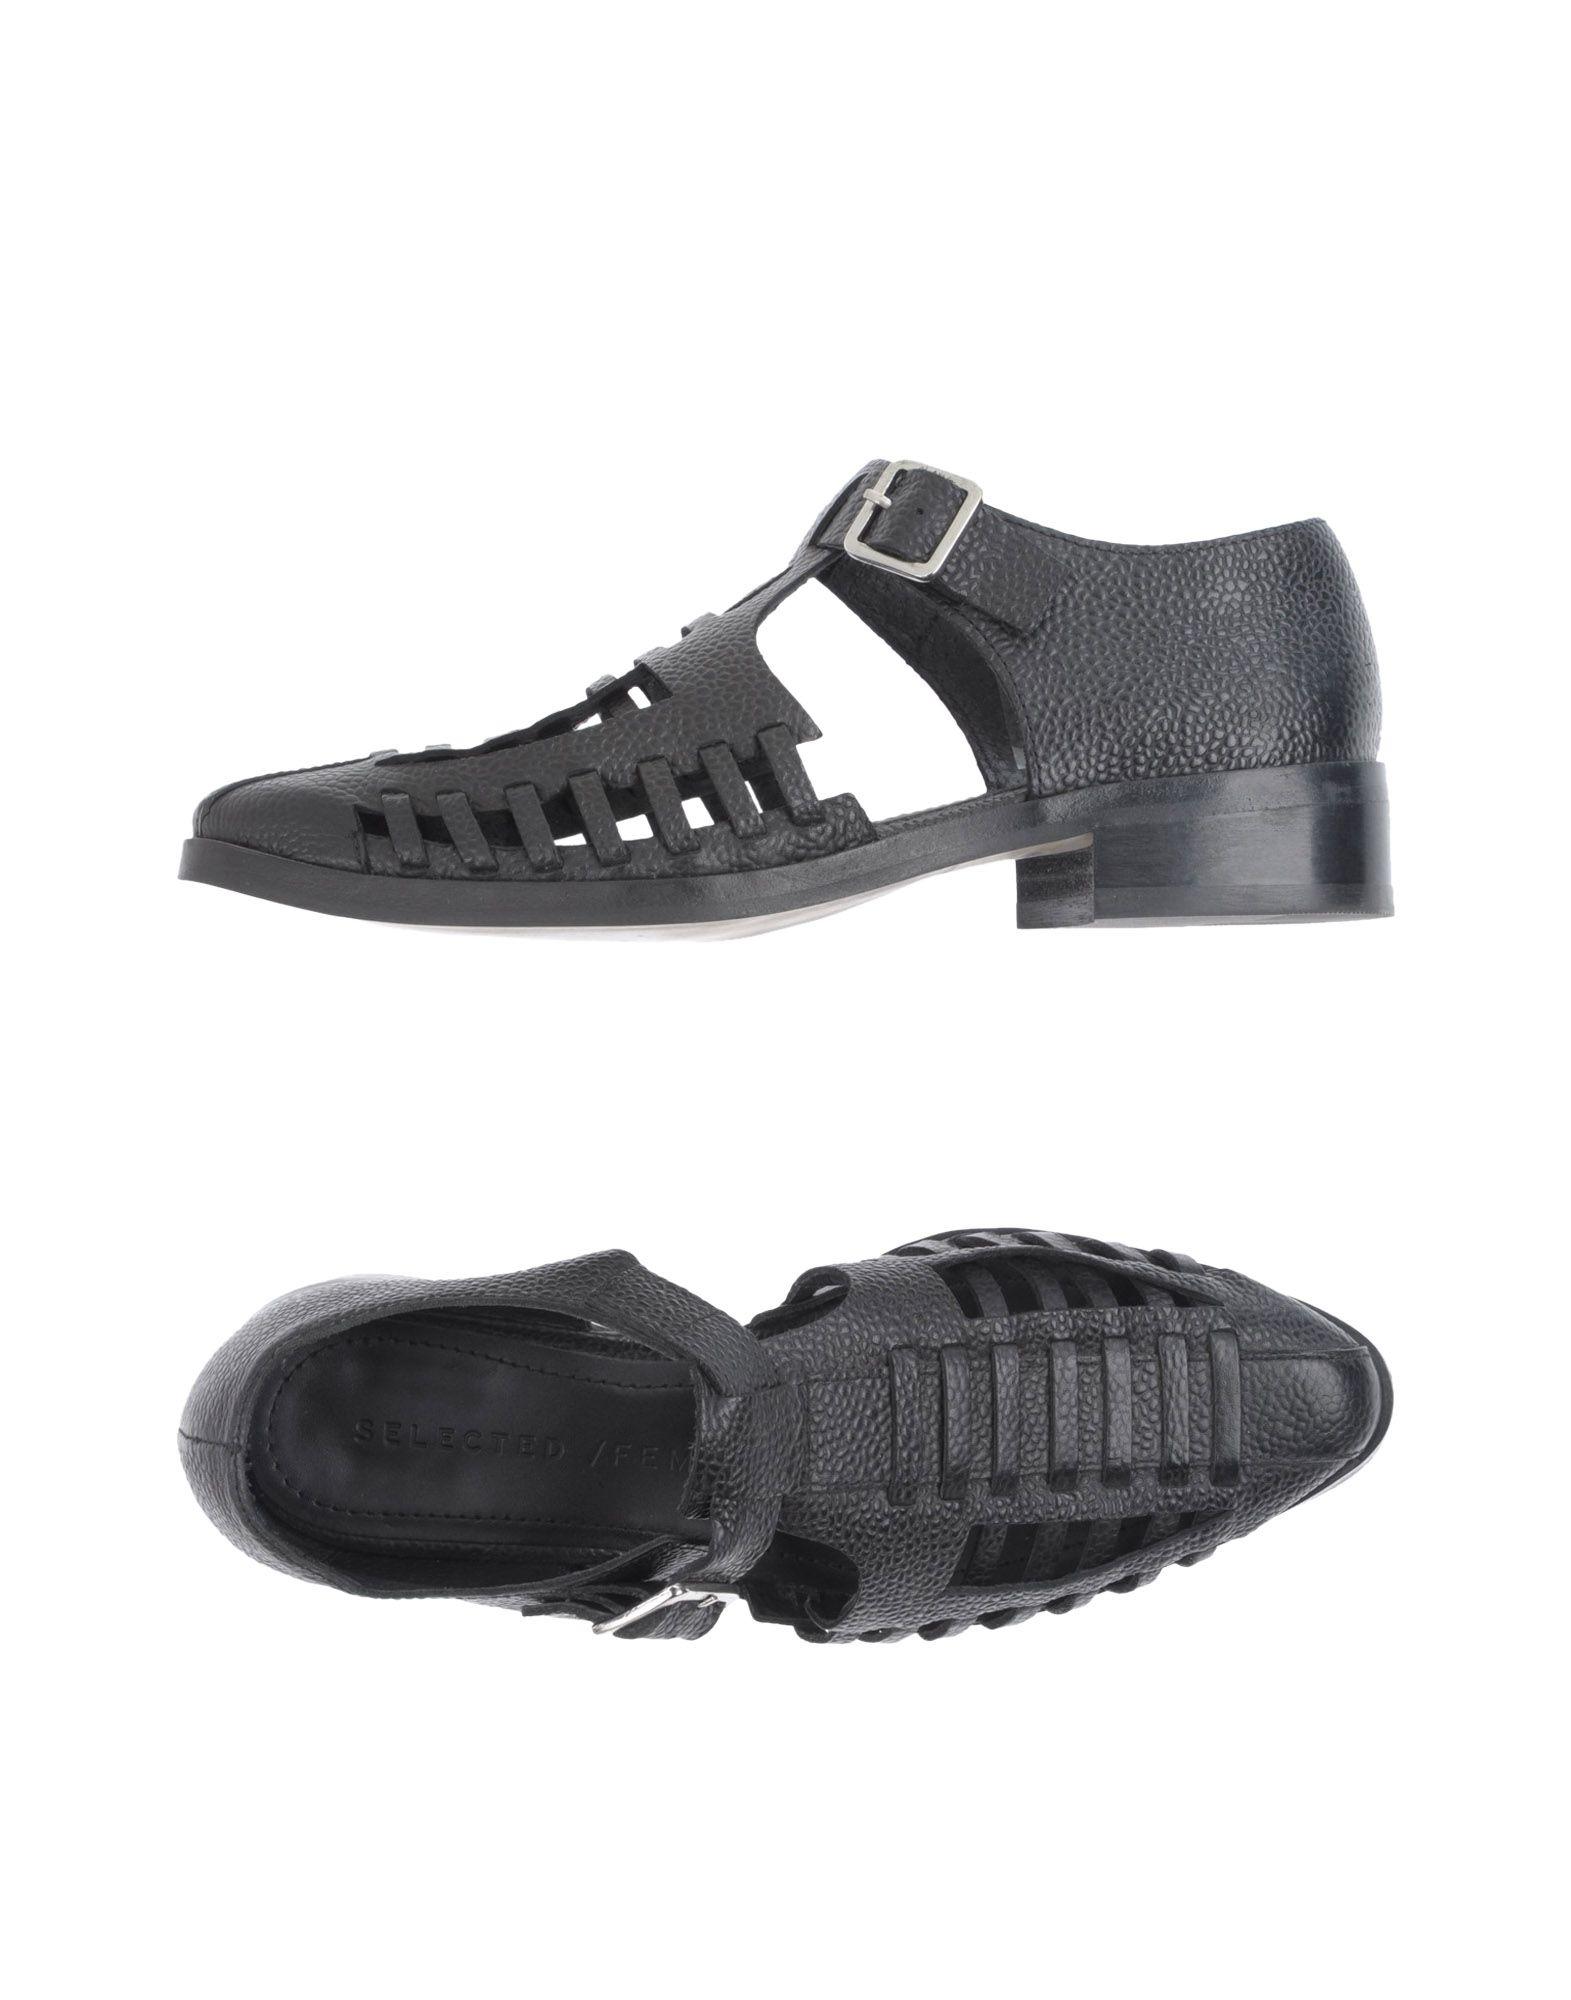 Selected Femme Mokassins Damen  11390351HF Gute Qualität beliebte Schuhe